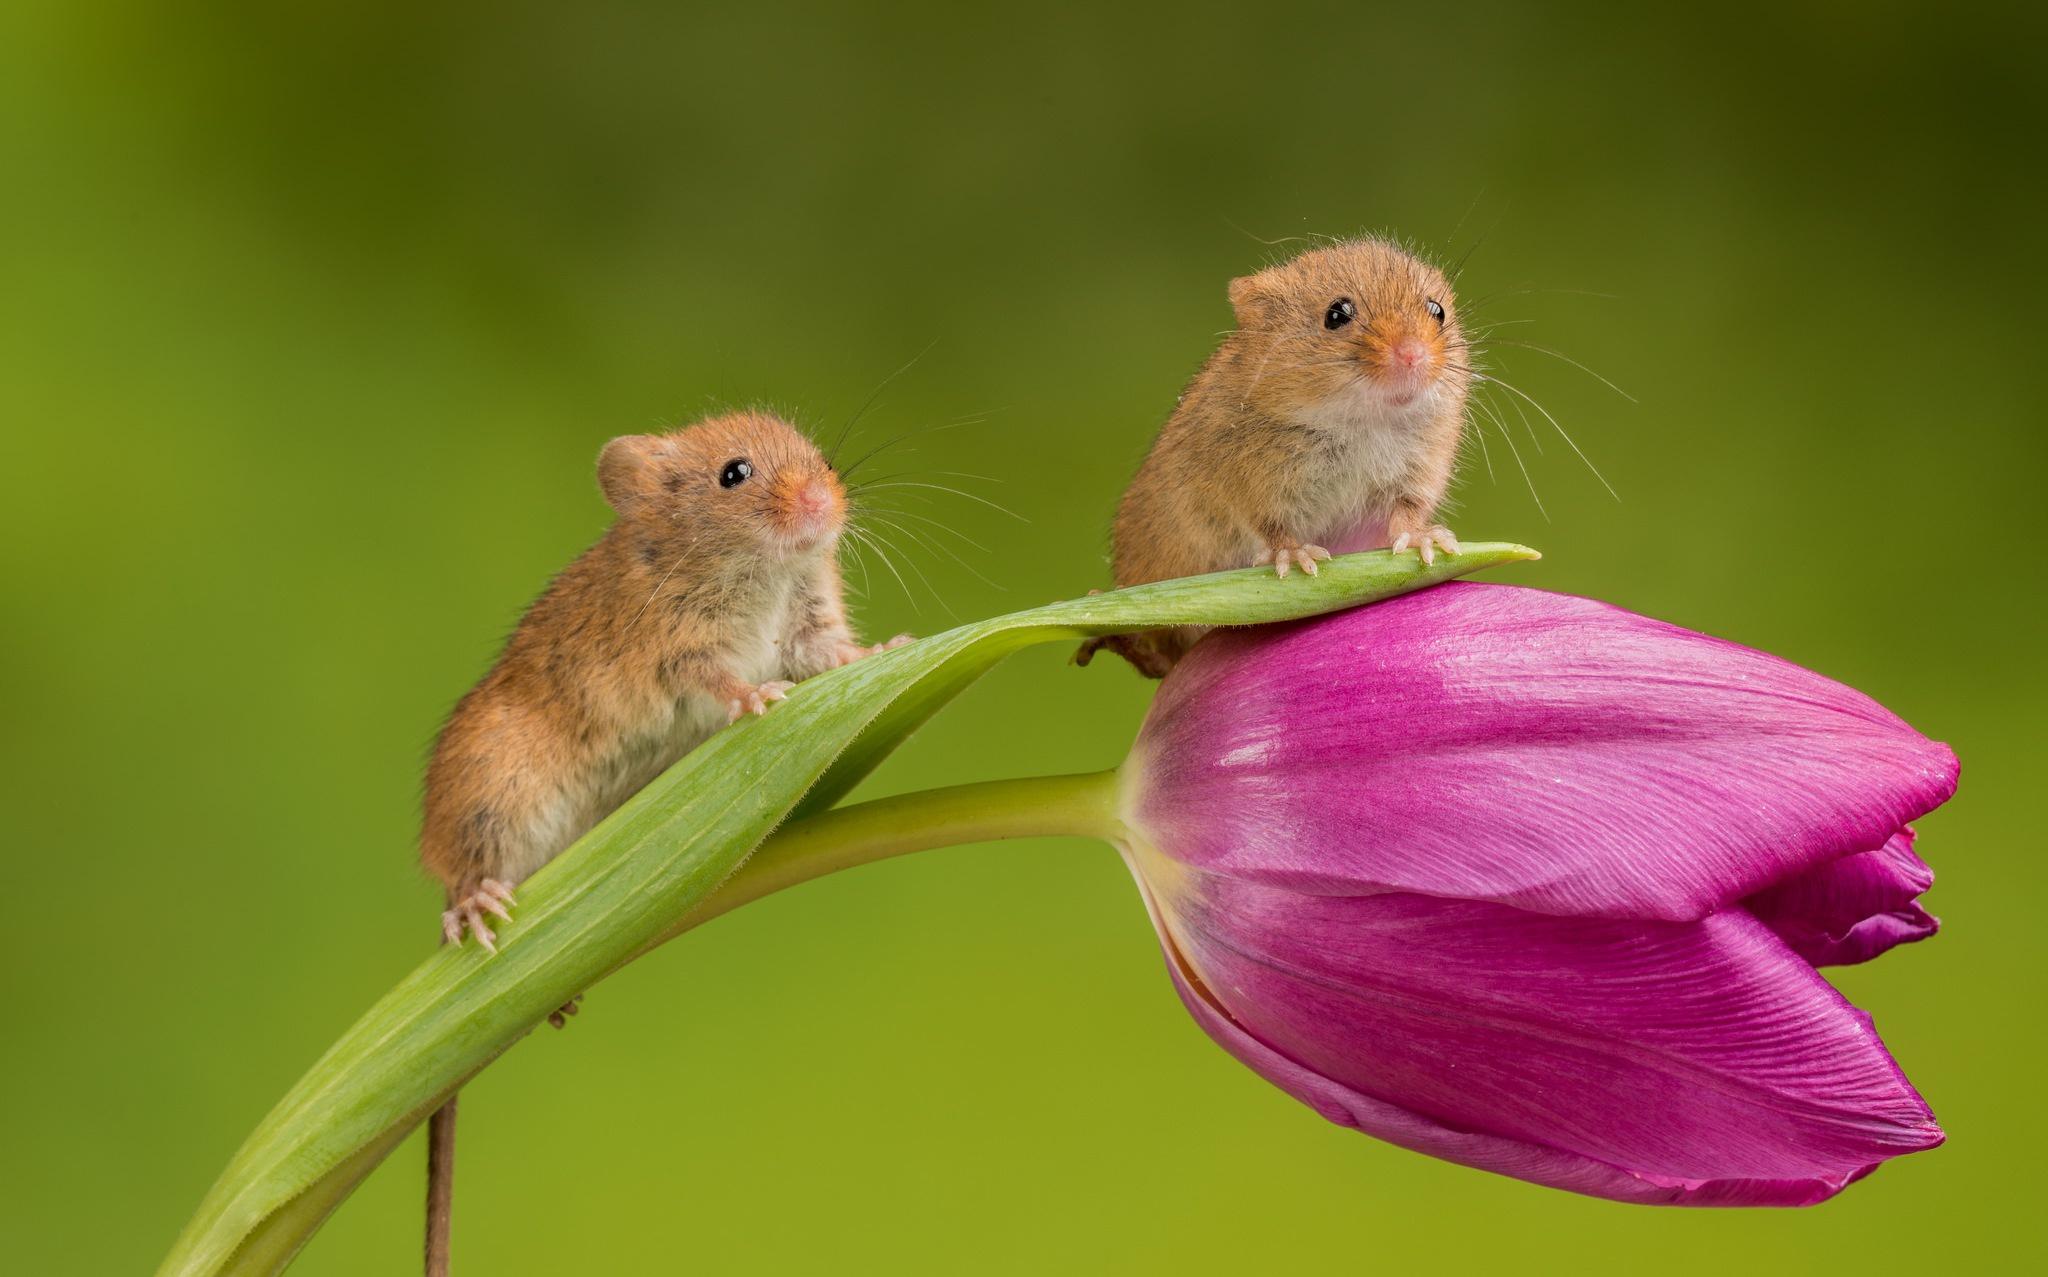 того, чтобы фото мышонка в цветке гудящими